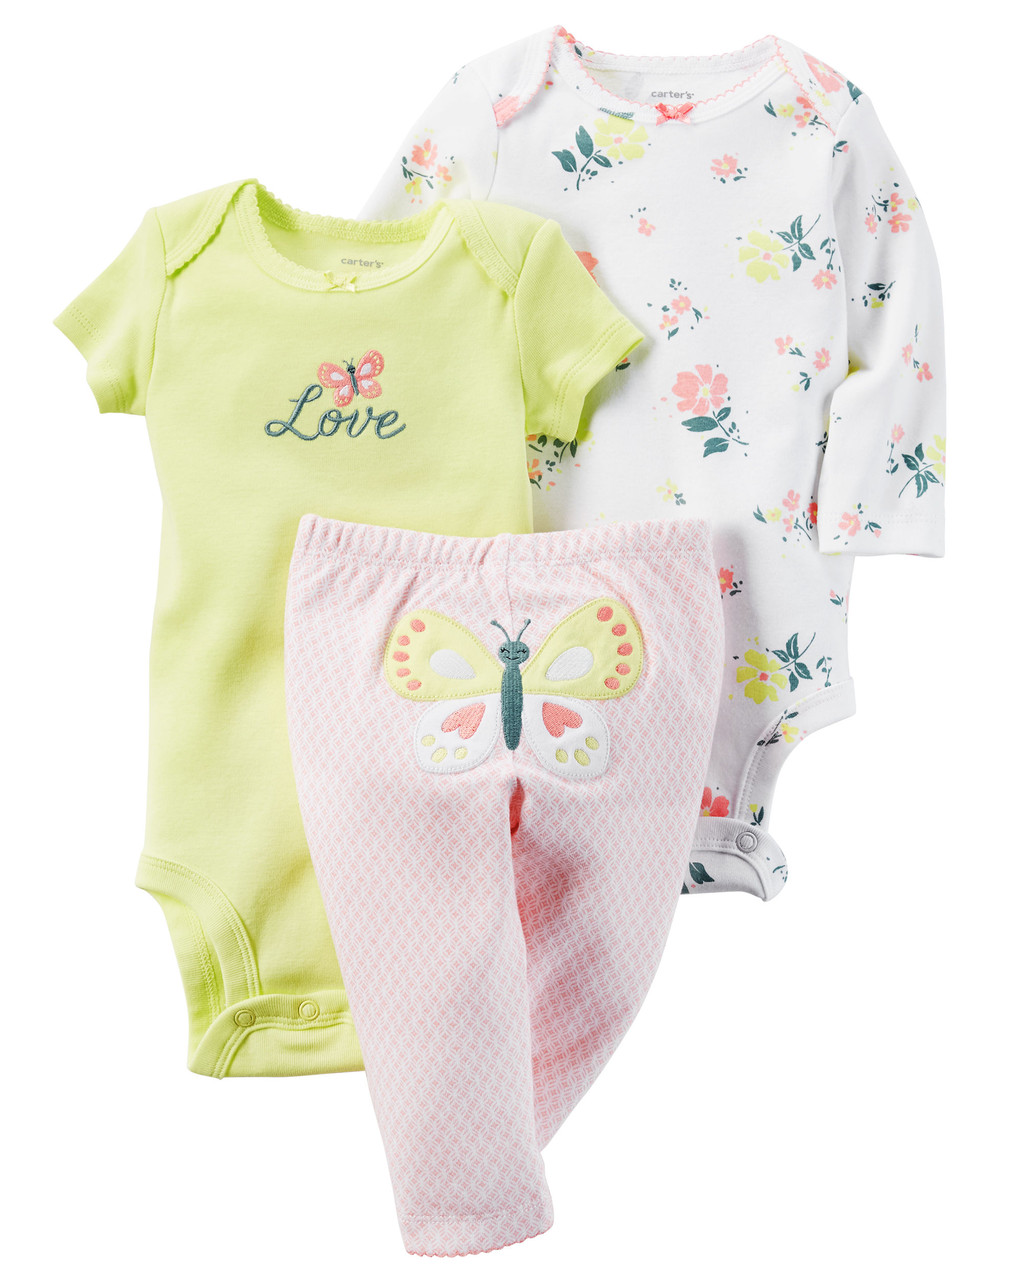 2 Боди + Штаны Carters на новорожденного до 55 см. Набор из 3-х частей